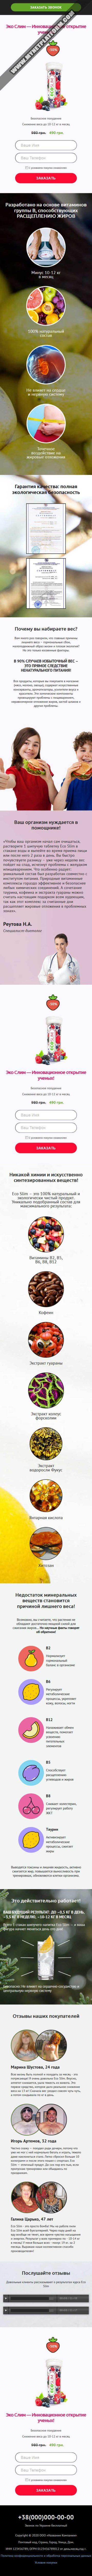 Скриншот готового лендинга Эко Слим (EcoSlim) - экологичное похудение 001 - моб